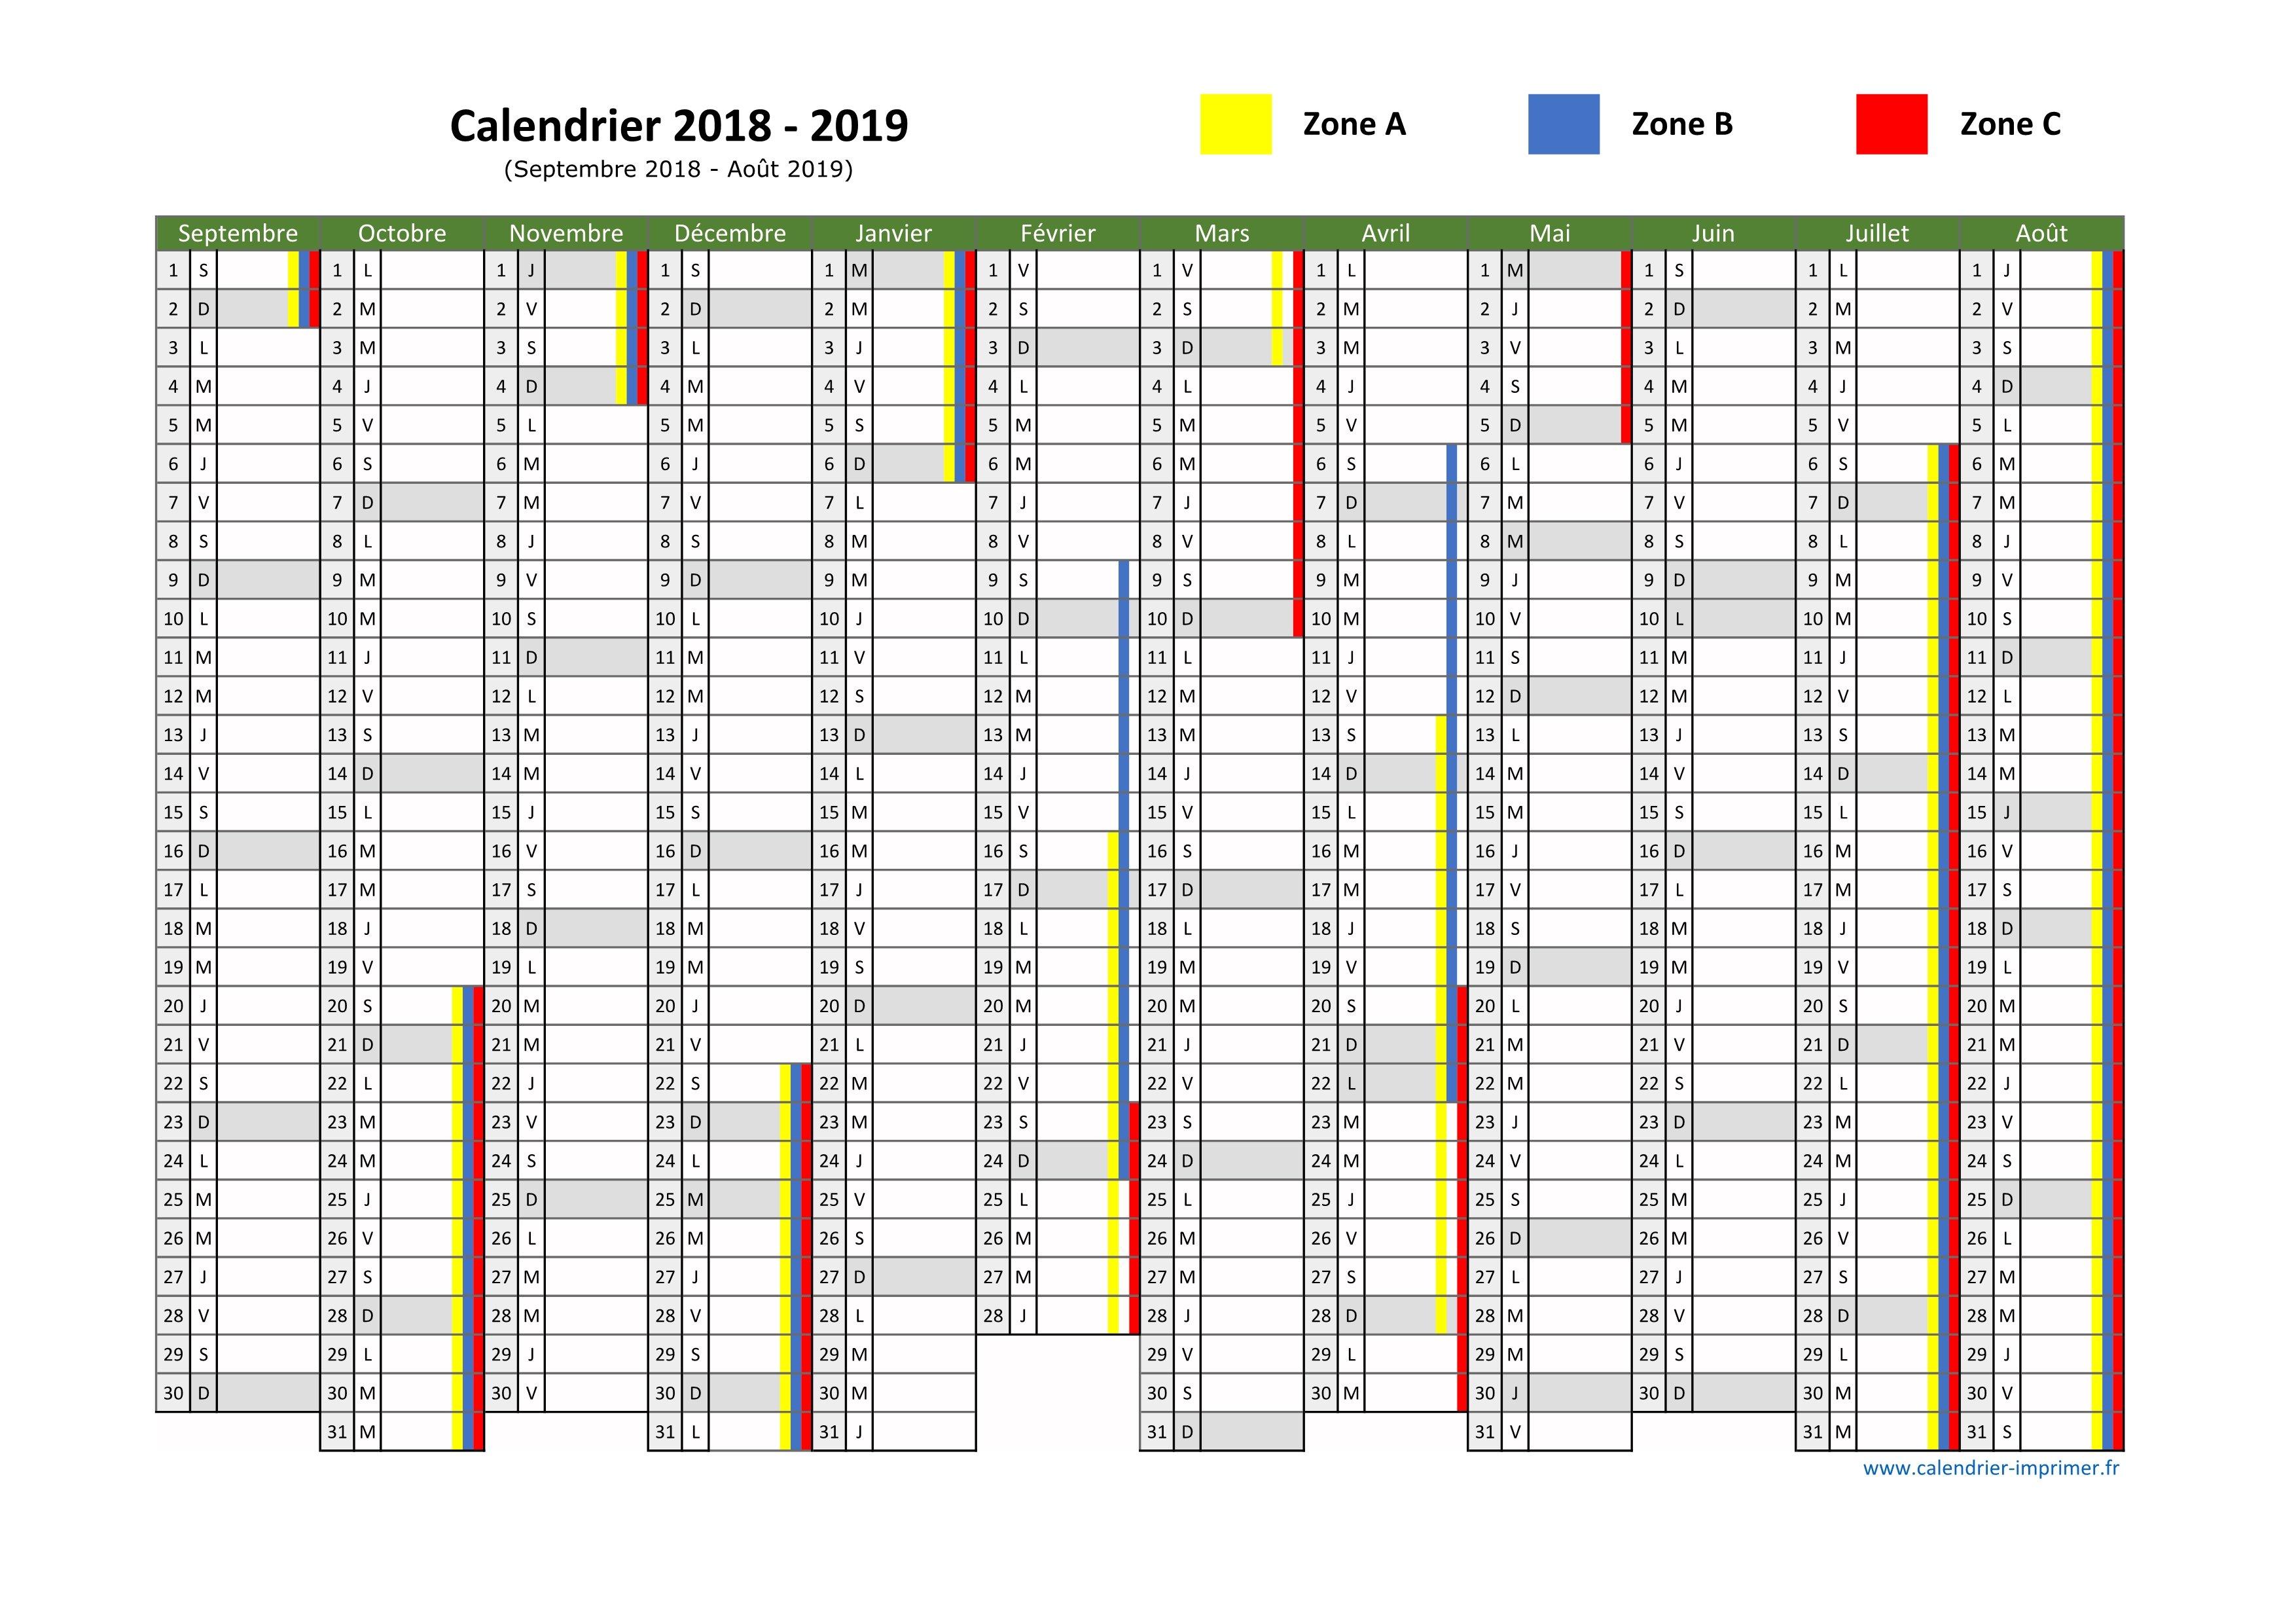 Calendrier Scolaire 2019 Zone A.Vacances Scolaires 2018 2019